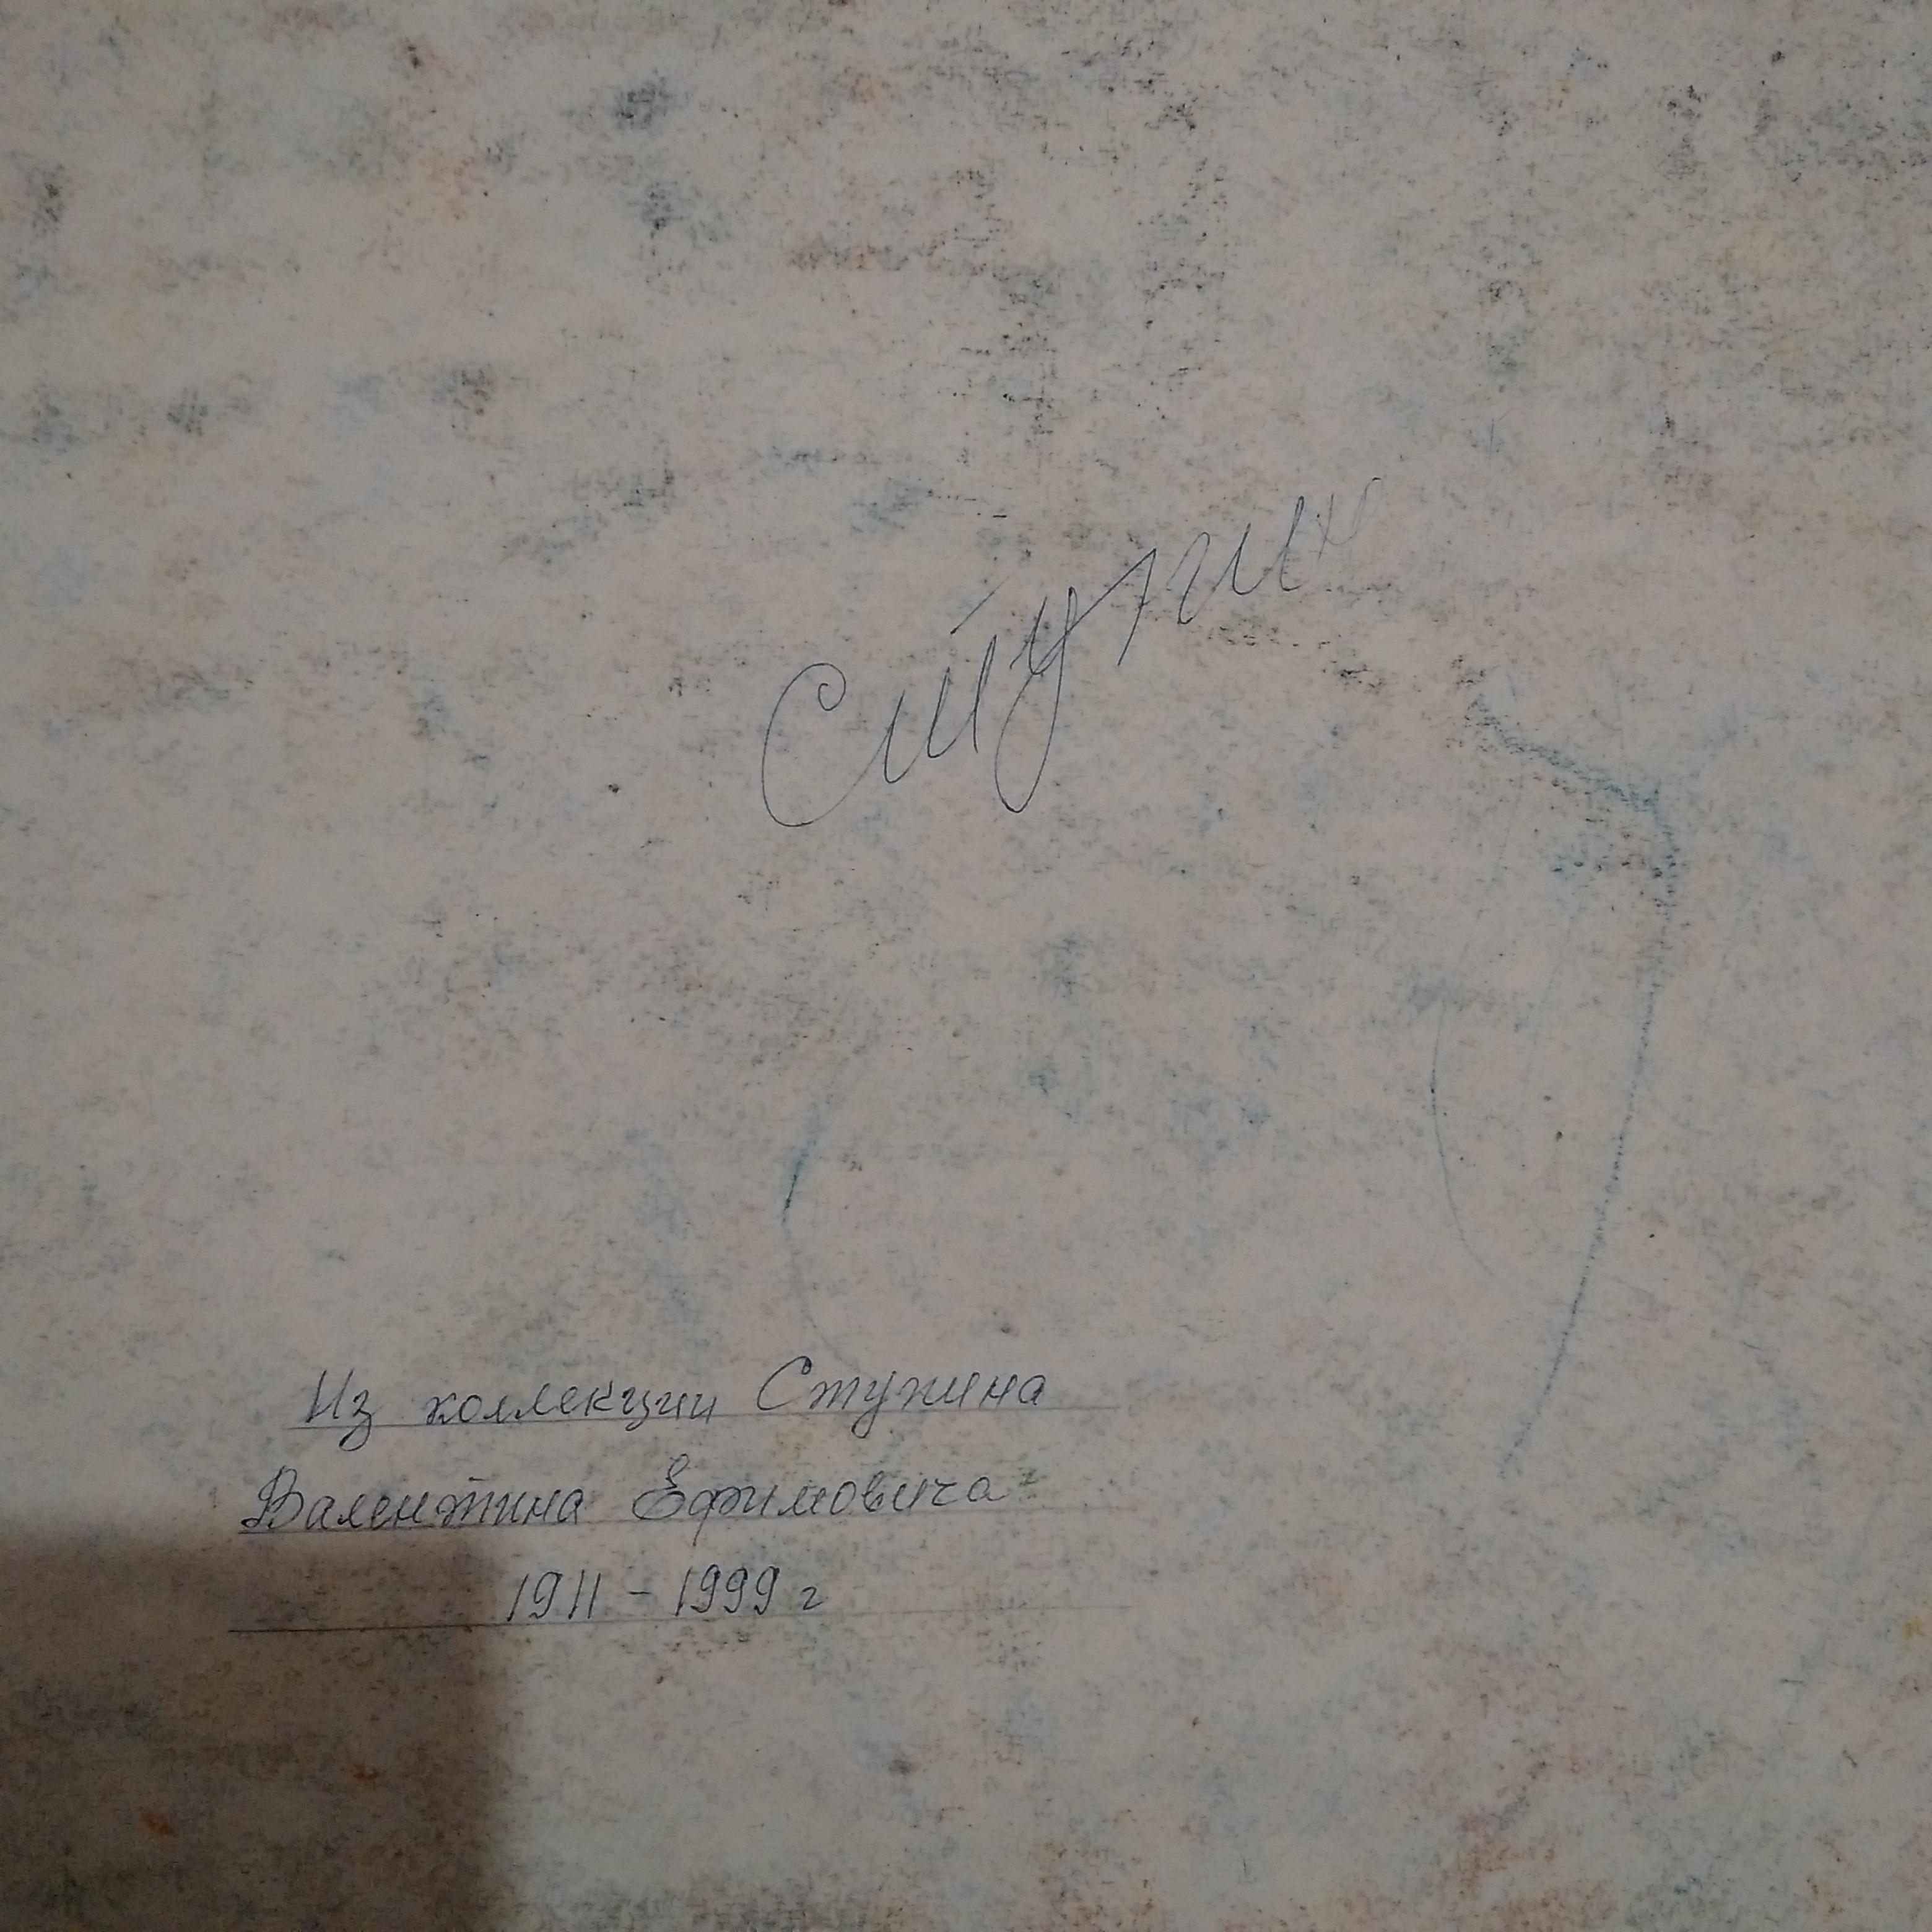 Половодье 70-94 см., бумага, пастель  - 2